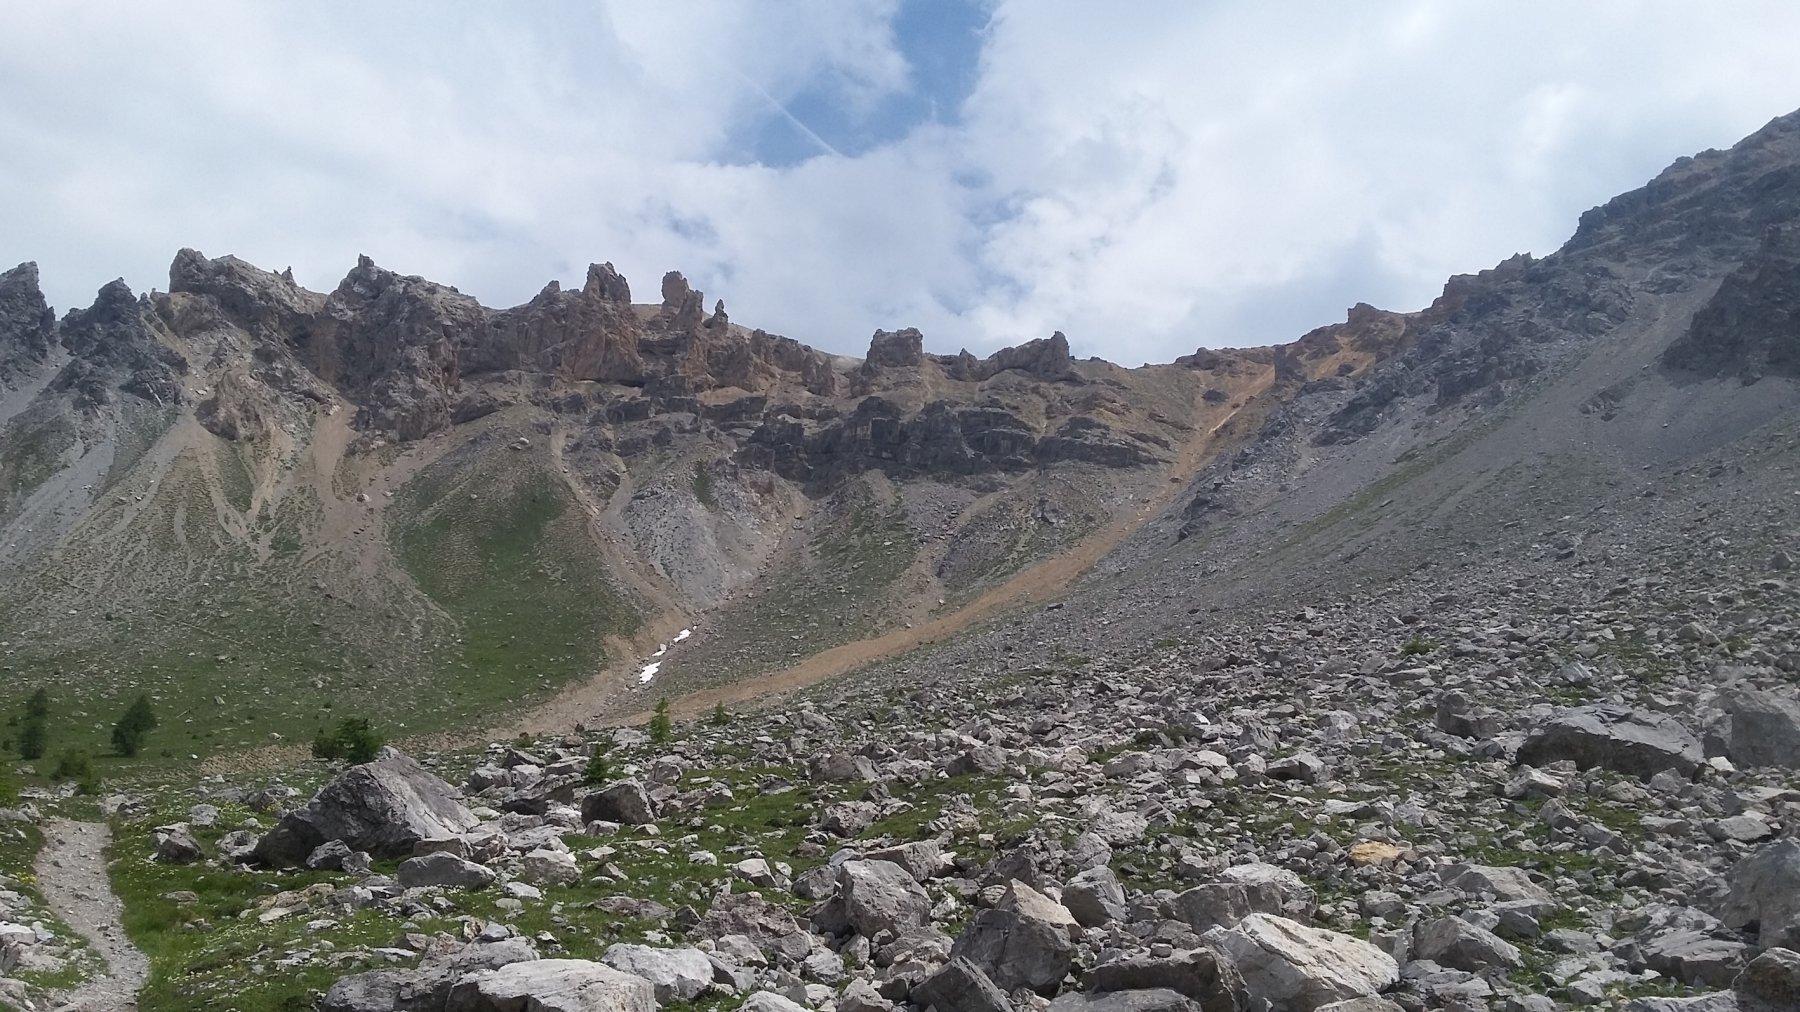 le caratteristiche formazioni rocciose a sx del Pas des Rousses